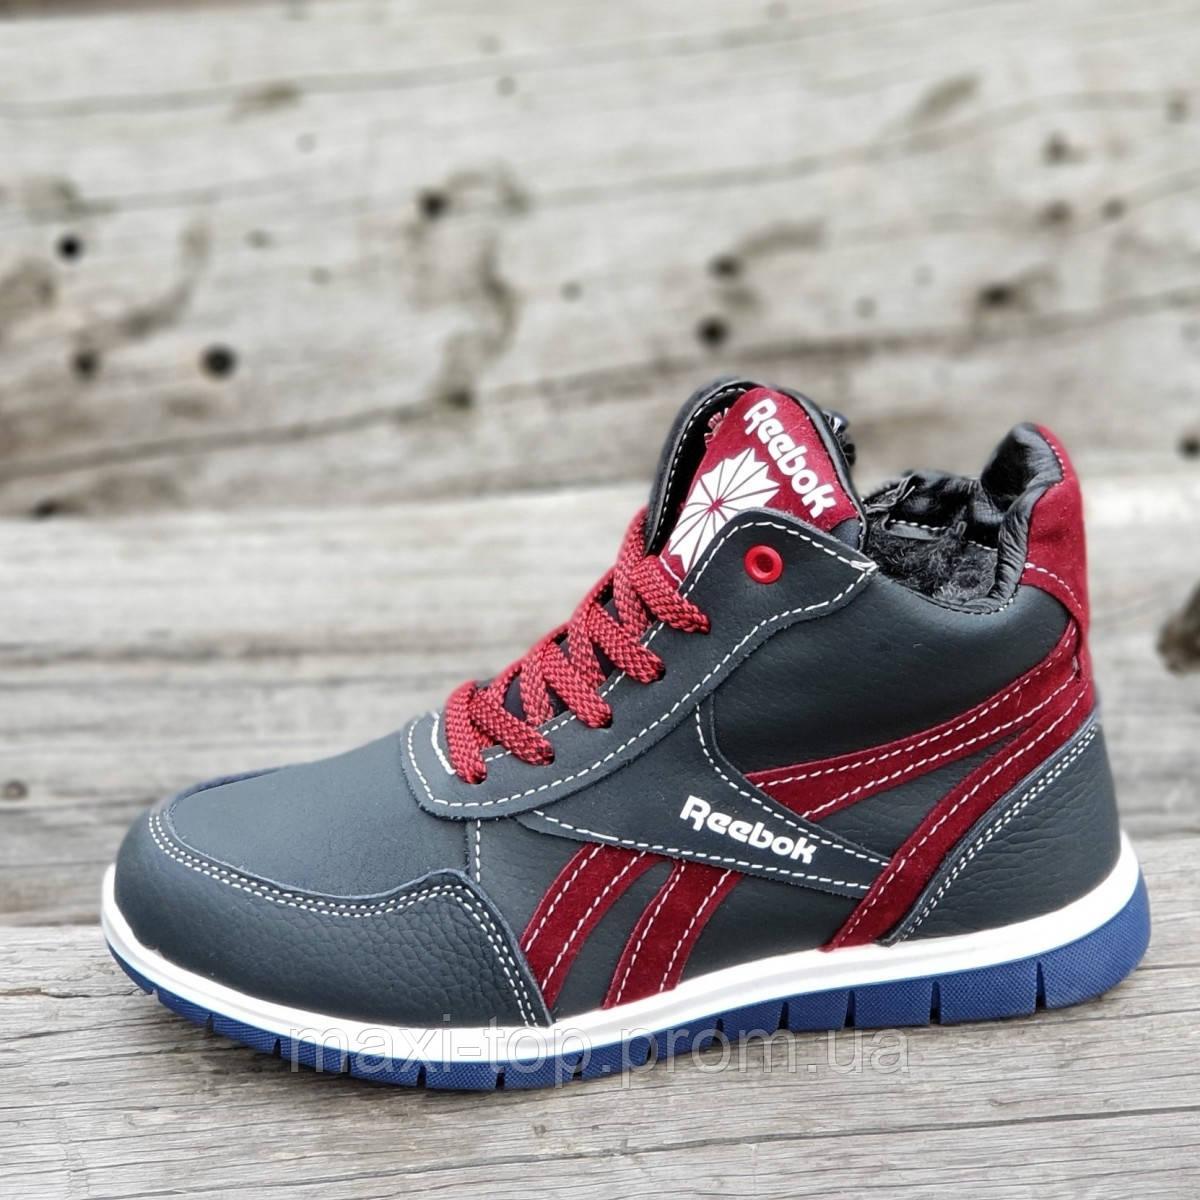 04ffaf535 Детские зимние кожаные ботинки кроссовки на шнурках и молнии черные  натуральный мех (Код: М1258